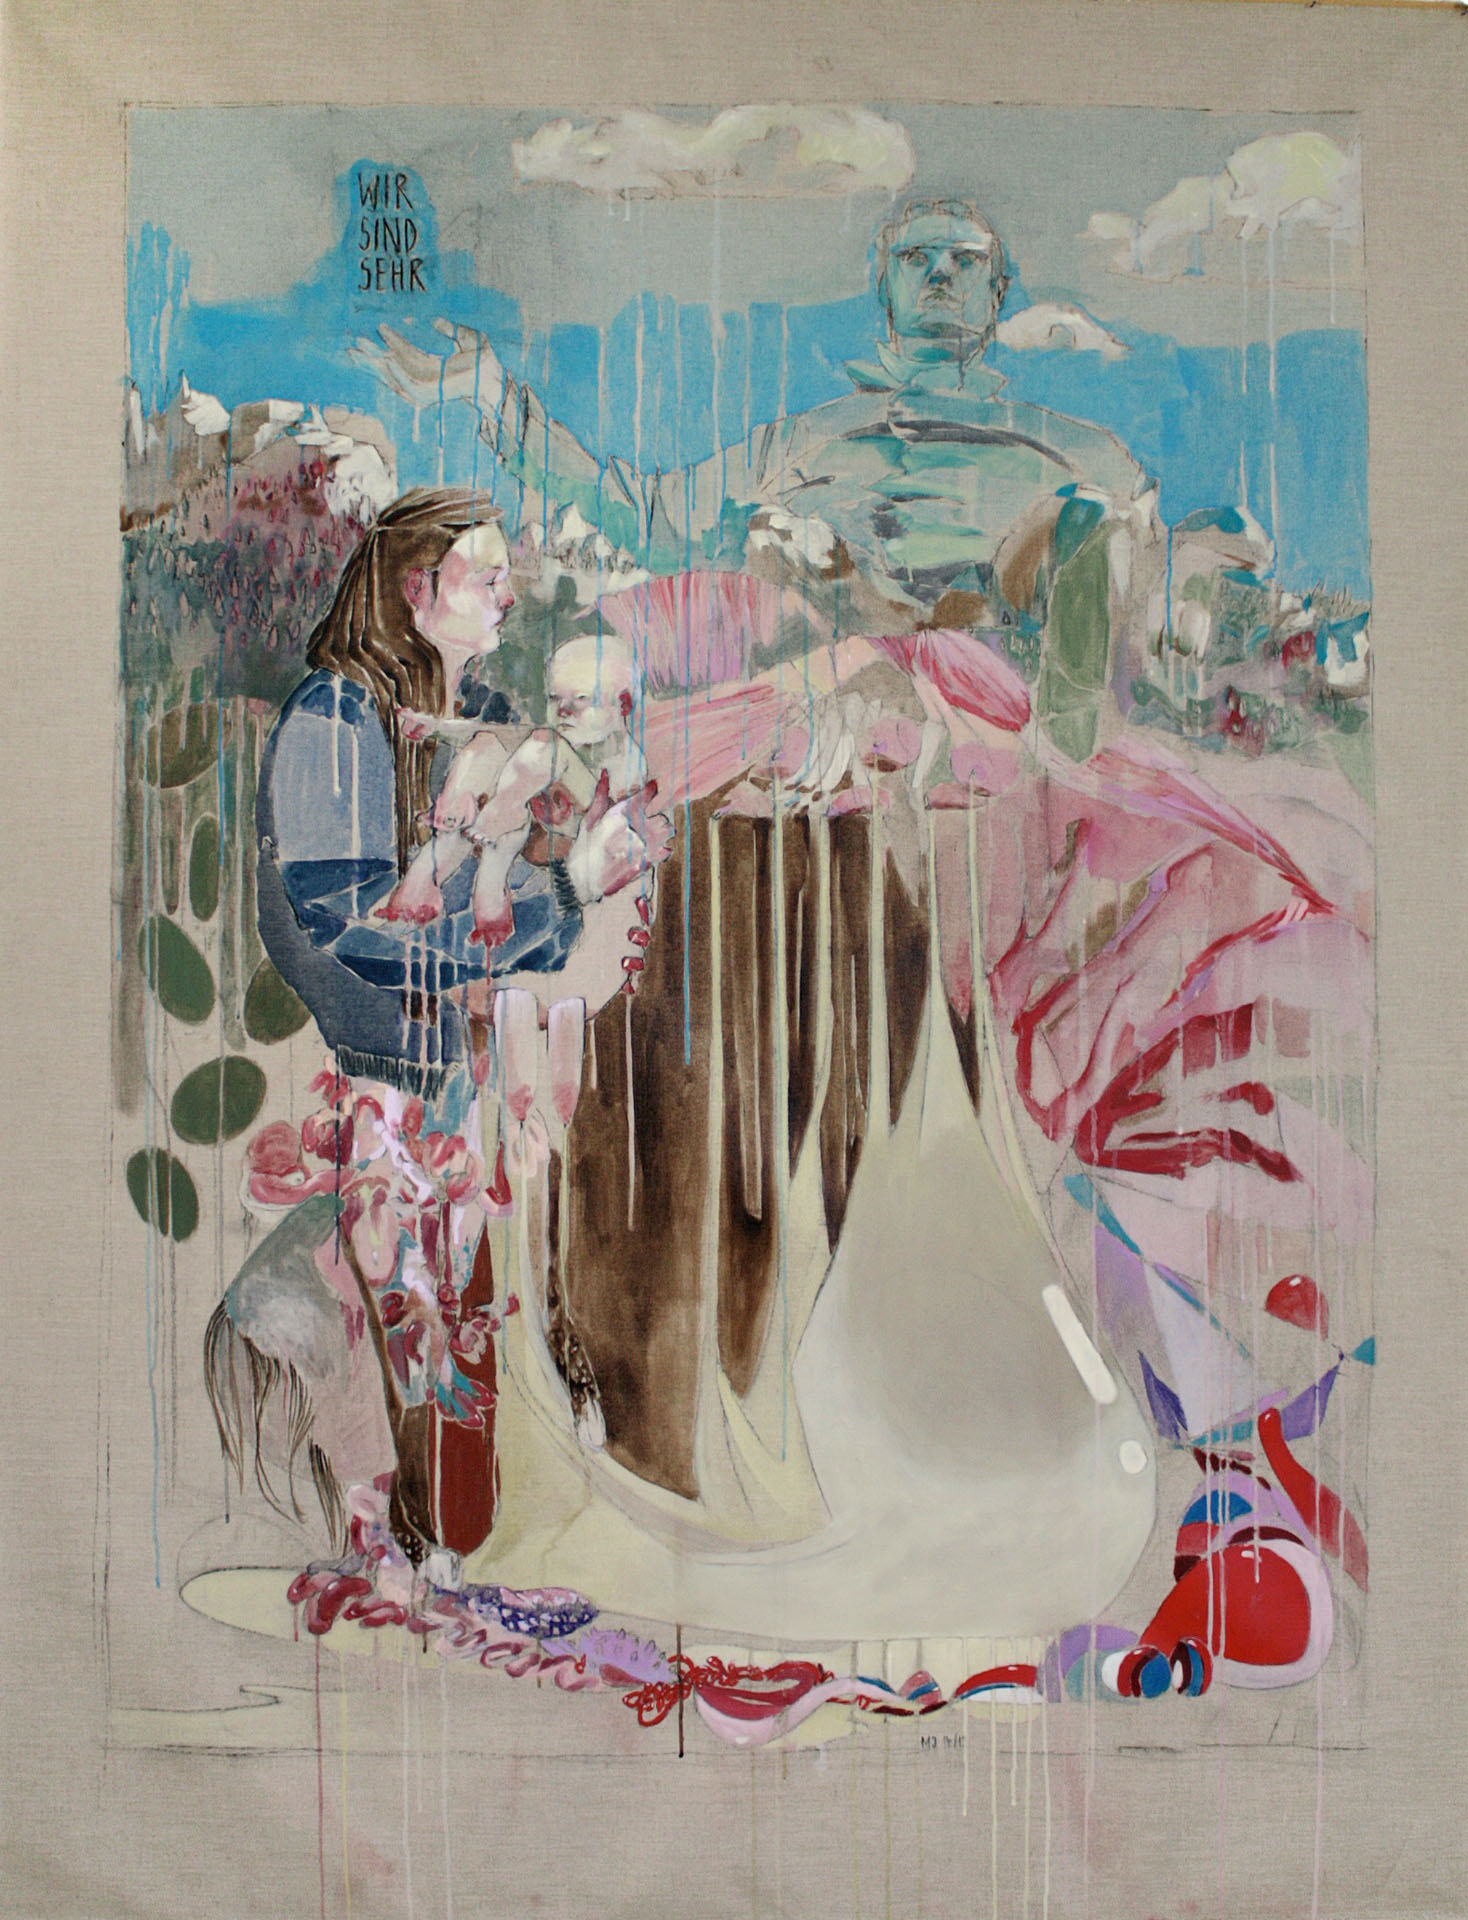 Maria Legat | WIR SIND SEHR | 2014 | Galerie3